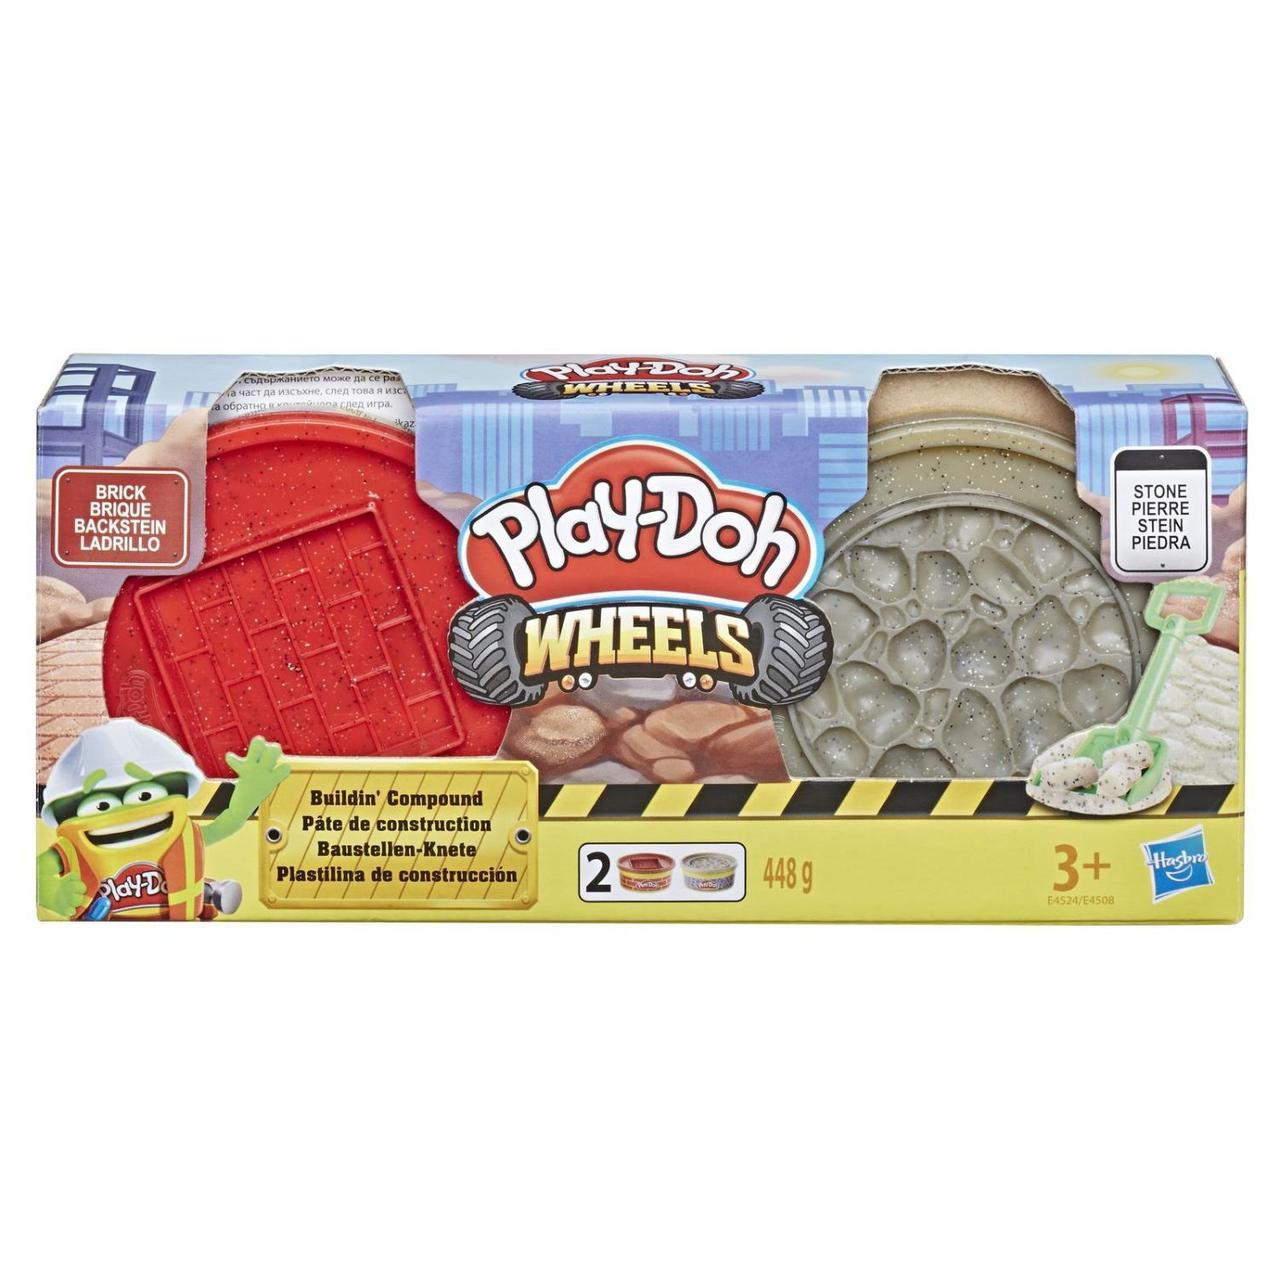 Игровой набор Play-doh Wheels Кирпич и Камень 448 г. Оригинал Hasbro E4524/E4508